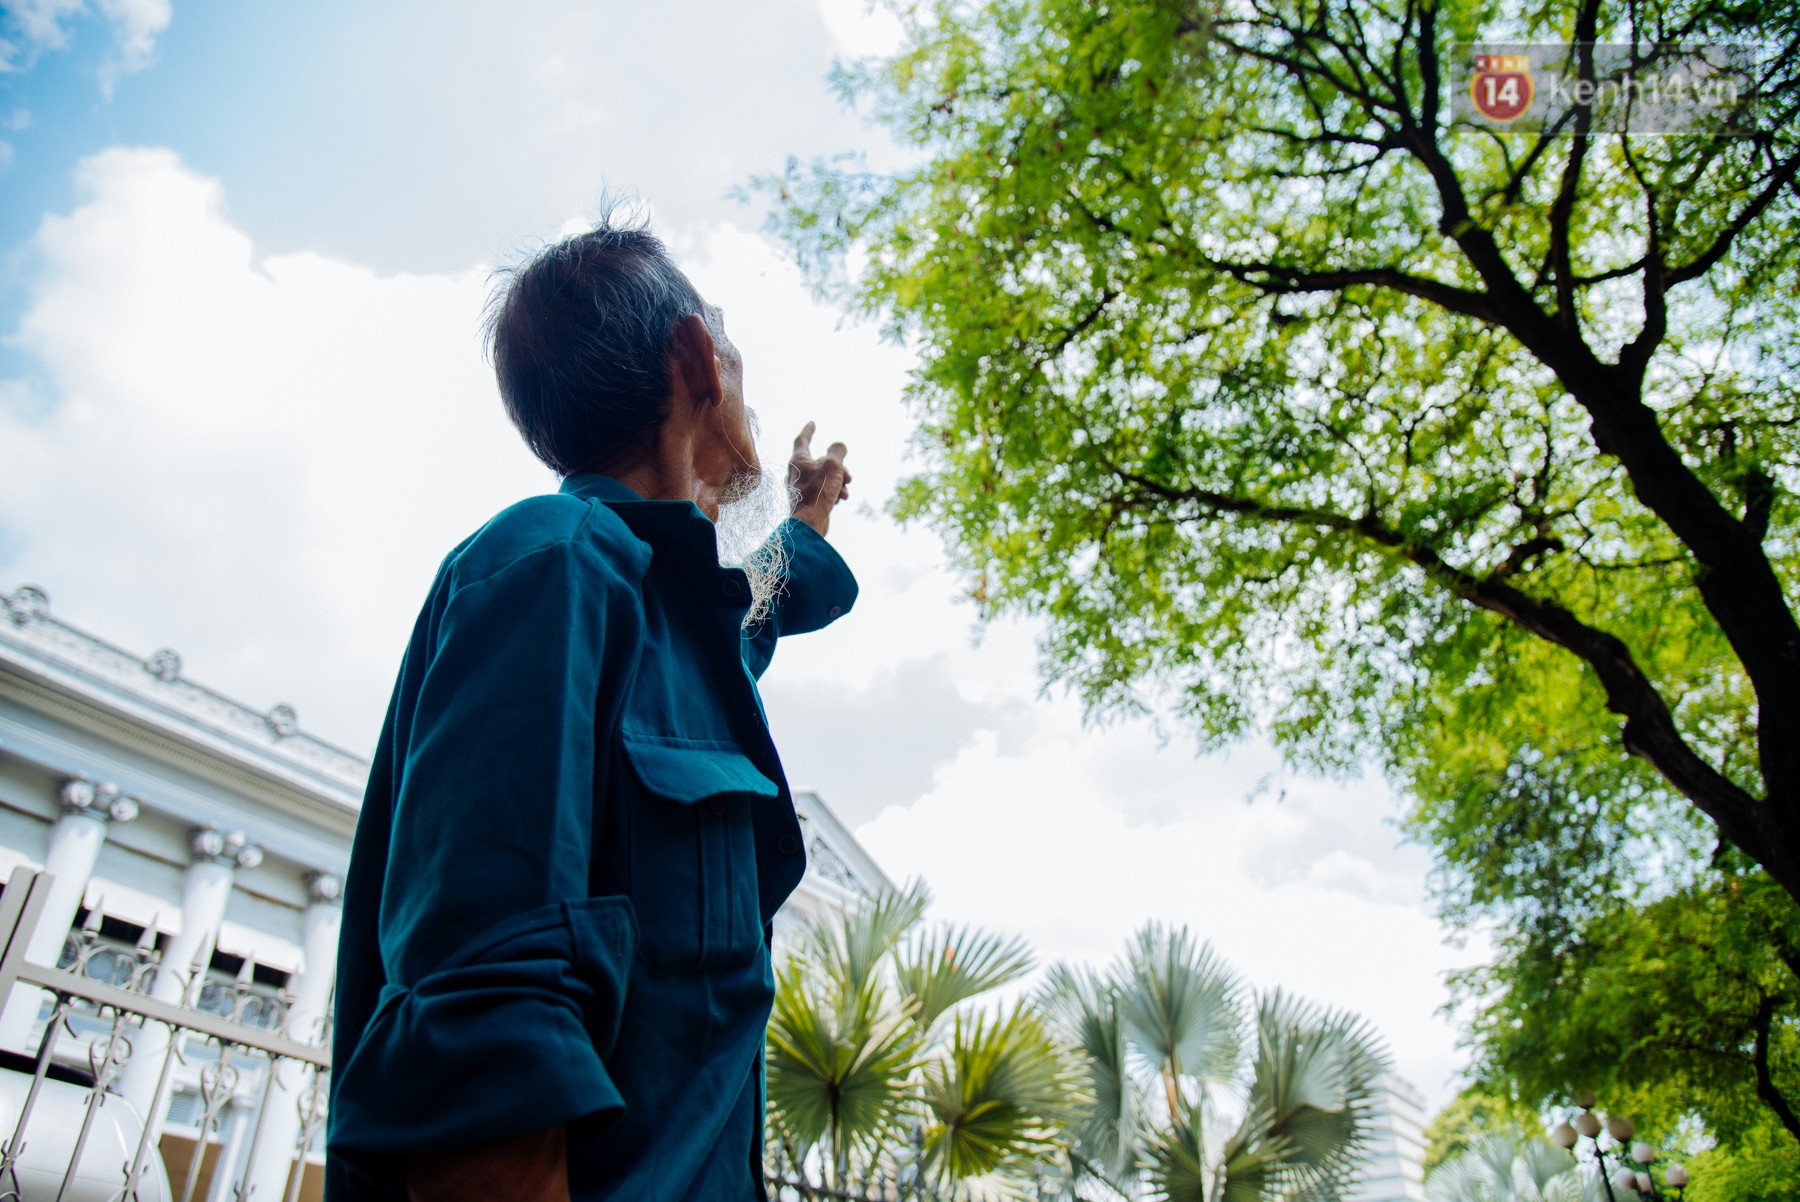 """Ông Thới - """"Vua hái me"""" ở Sài Gòn."""